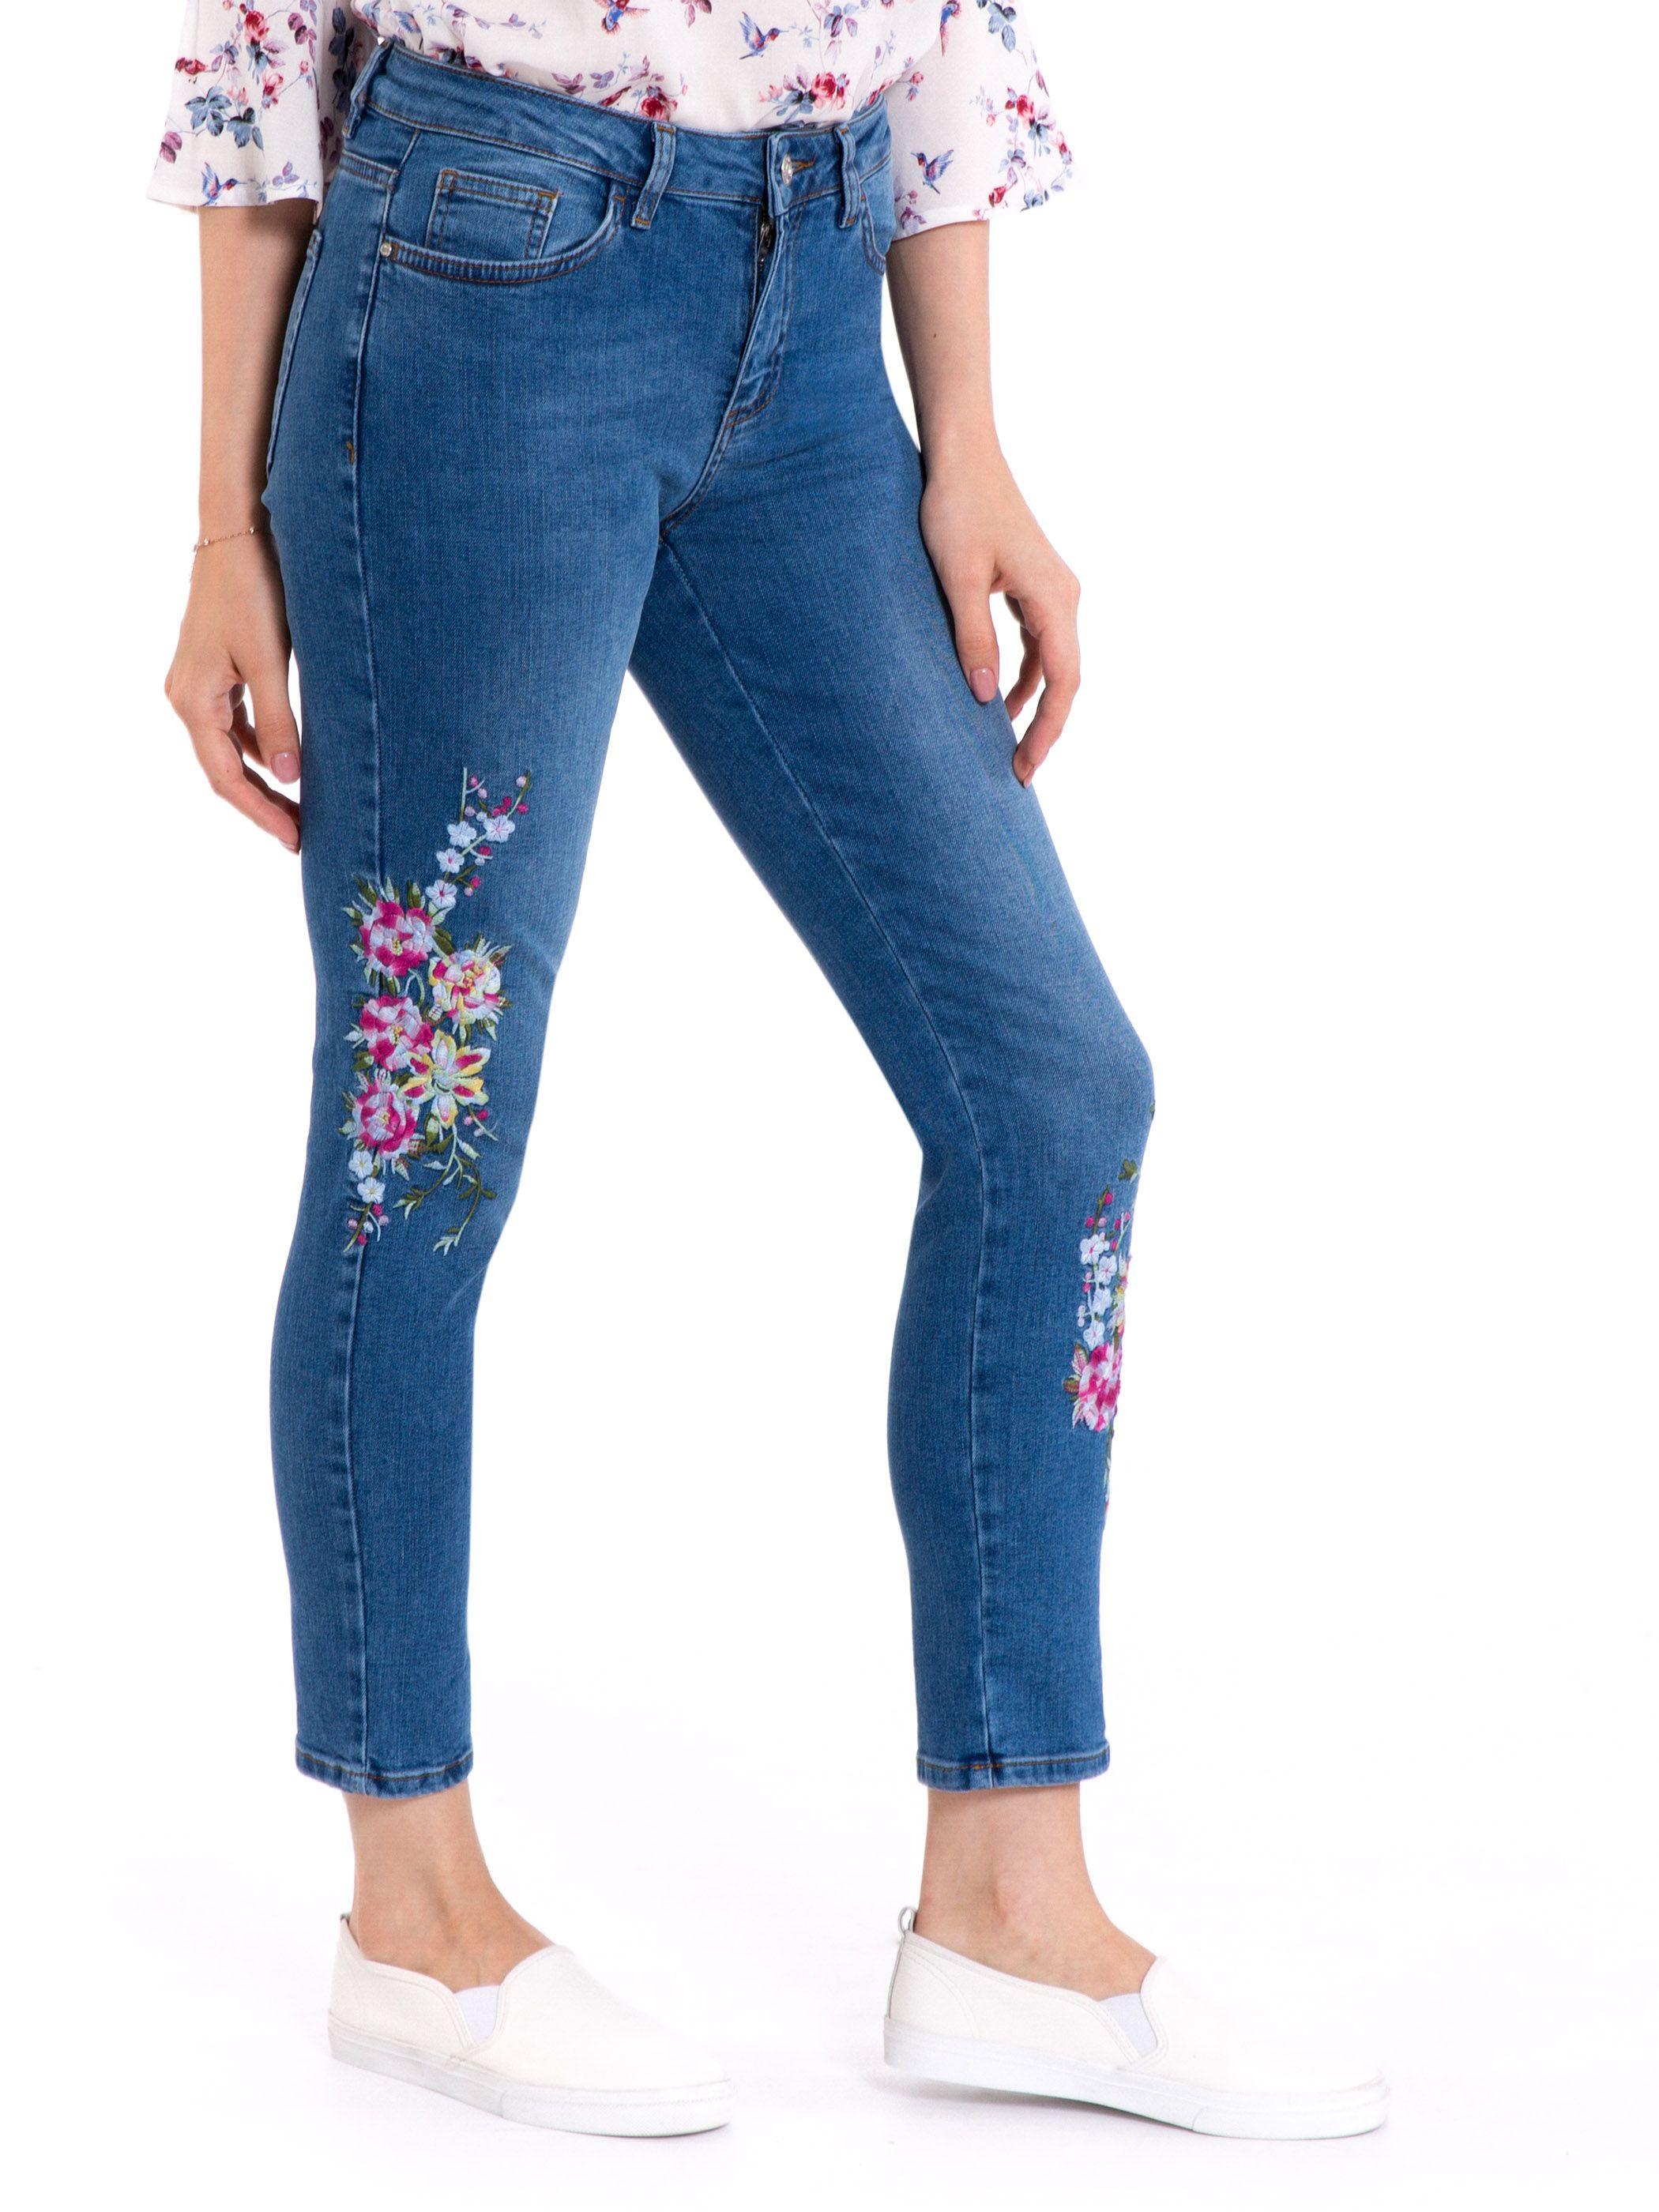 شلوار جین گلدوزی شده ال سی وایکیکی Clothes Best Wear Fashion